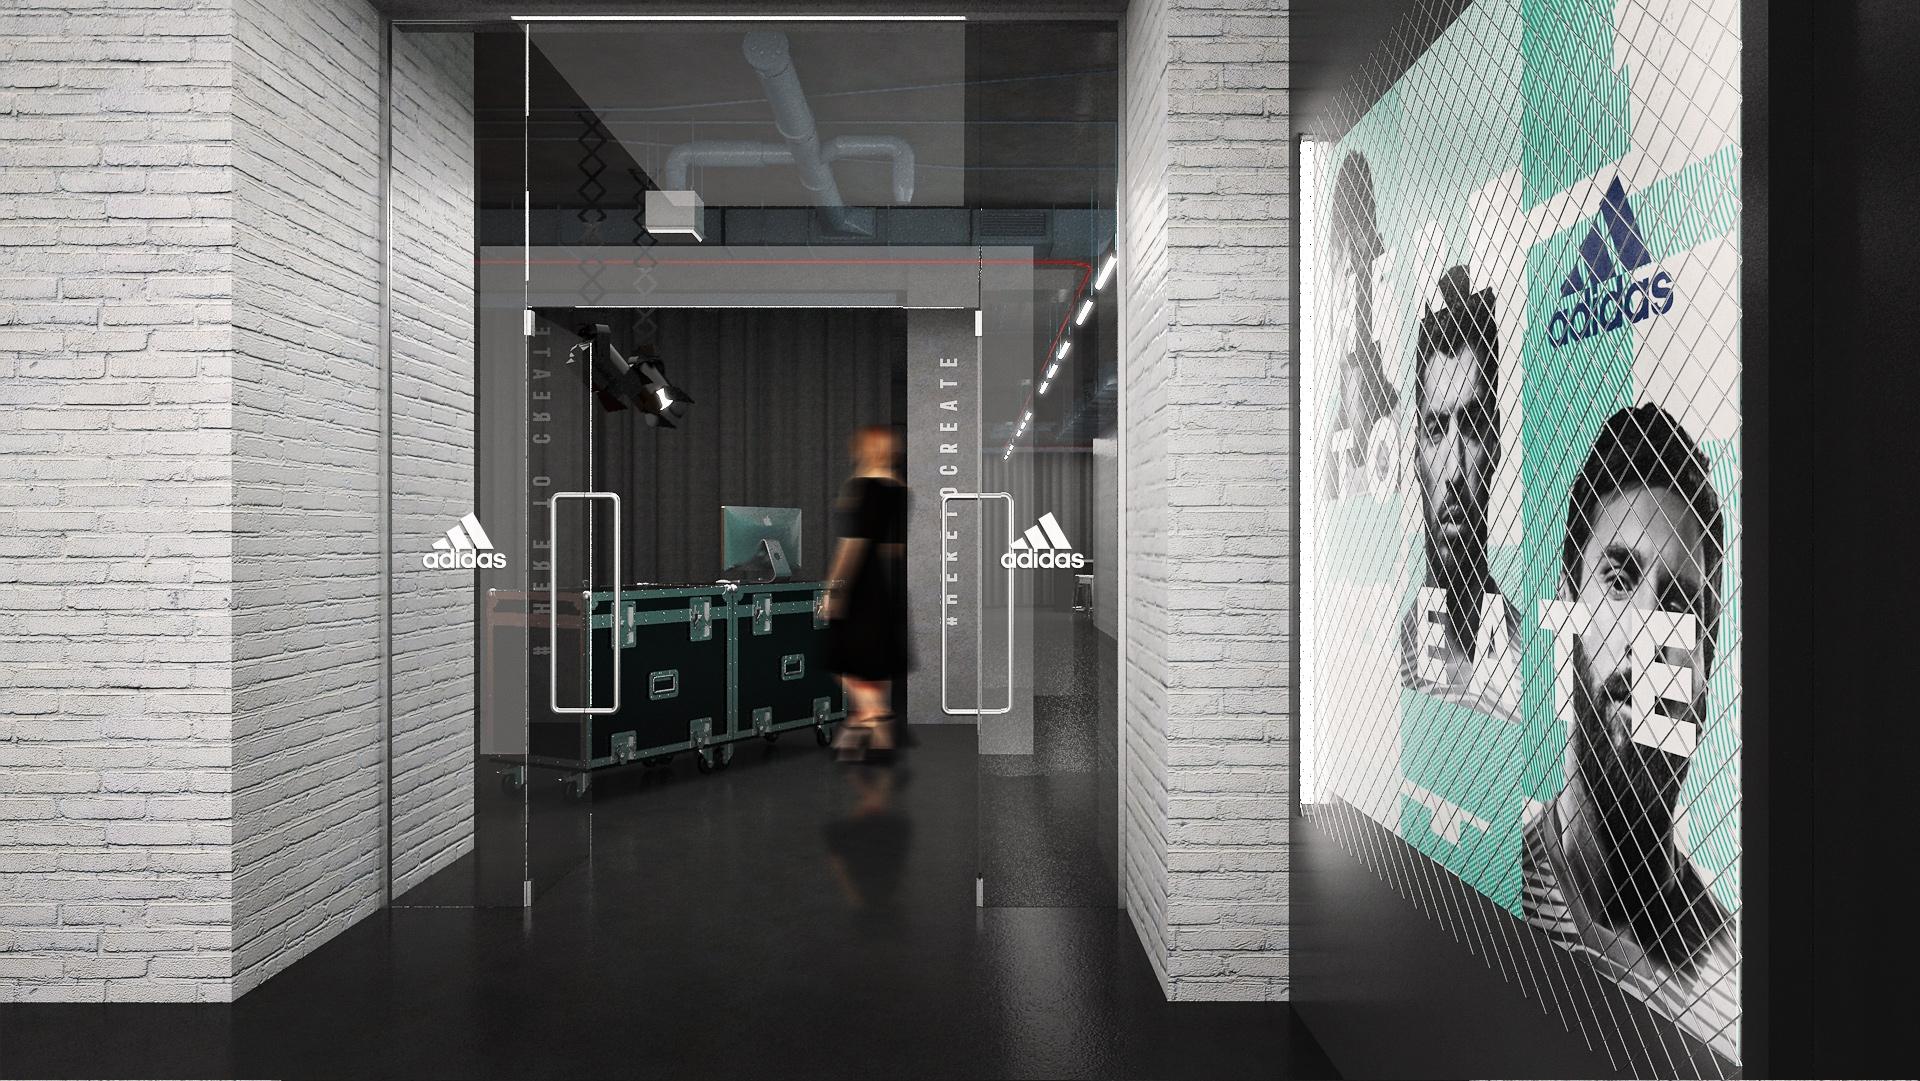 Adidas_FedorivHub_Render 01_People.jpg